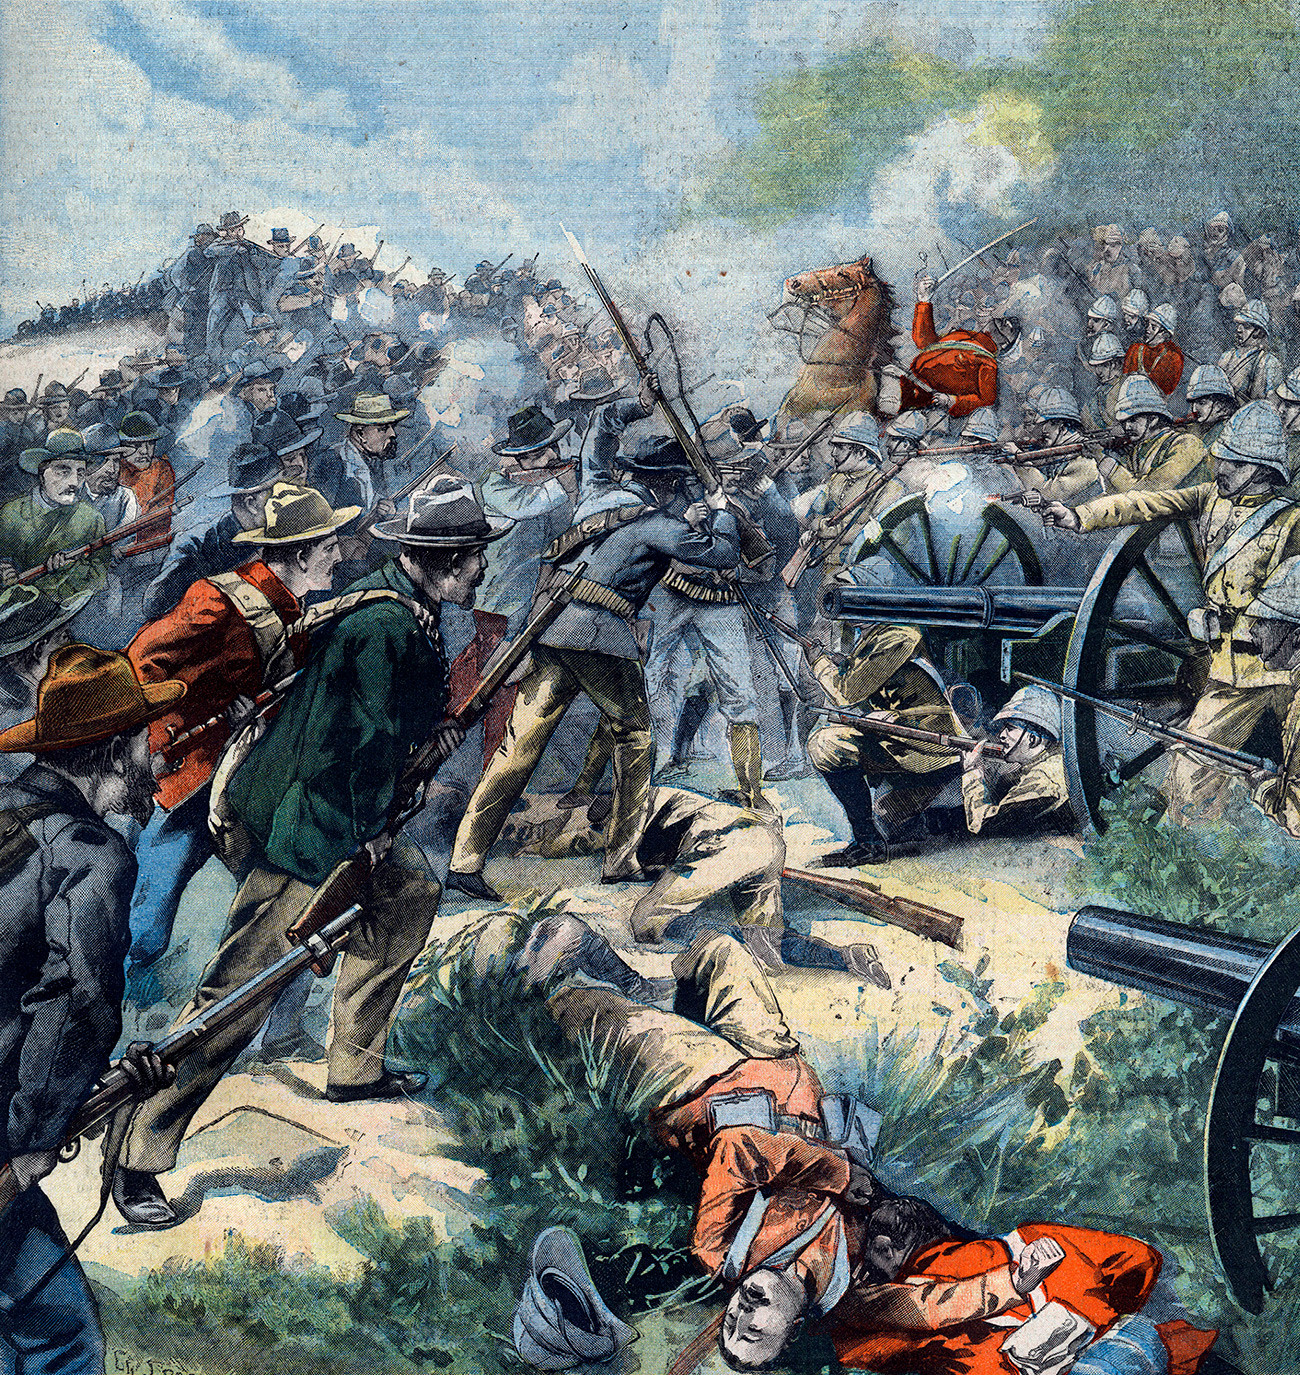 Вторая англо-бурская война. Обложка французского журнала Le Petit Parisienб 17 ноября 1901 года.